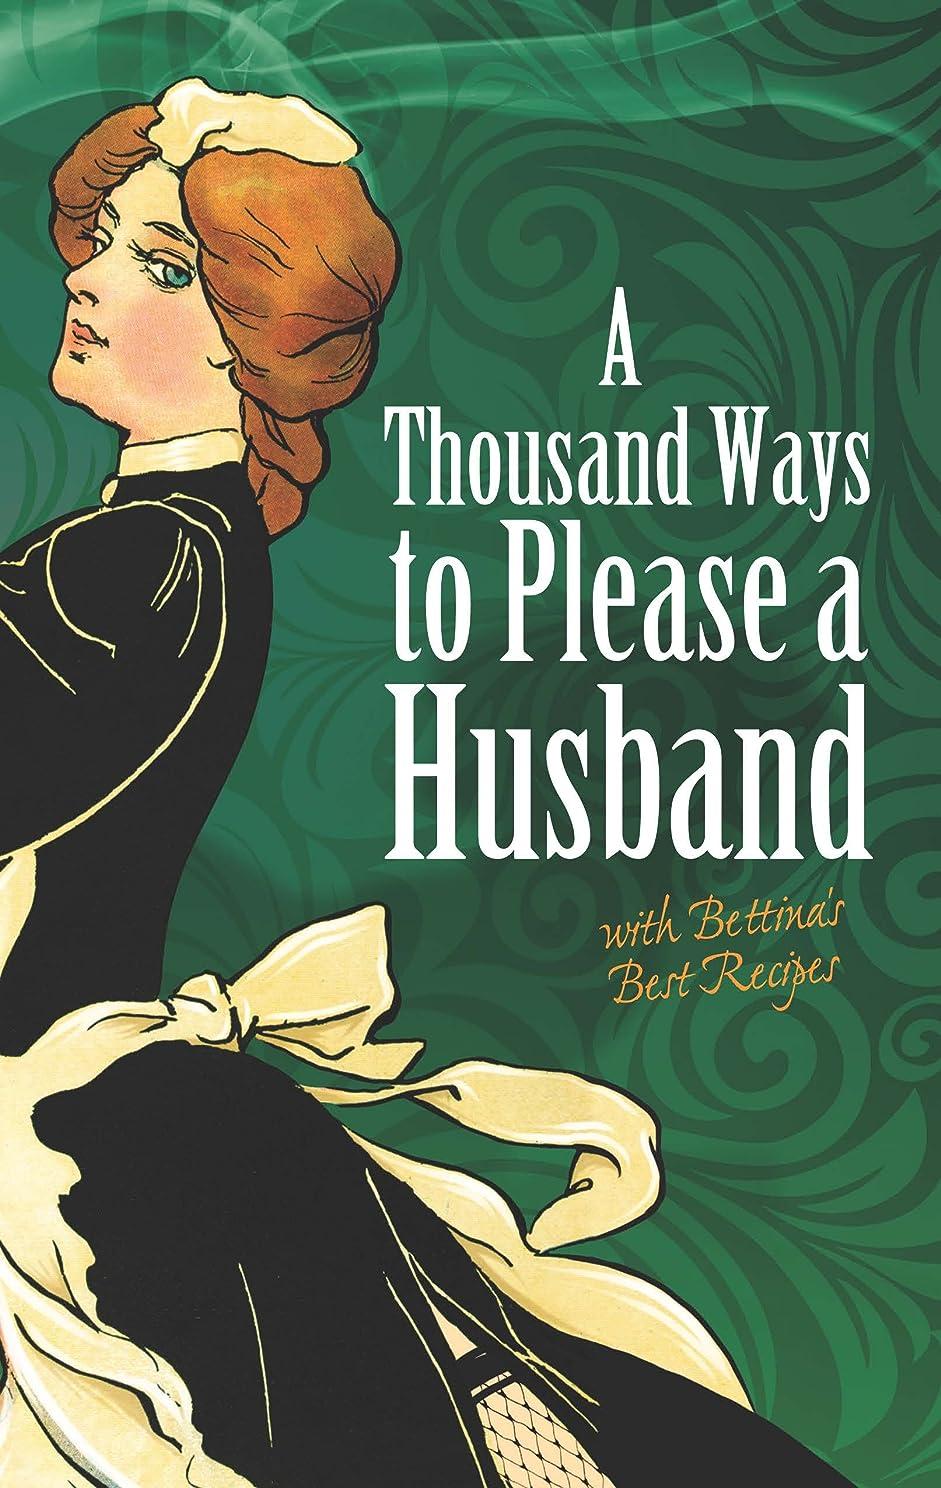 配る四歩き回るA Thousand Ways to Please a Husband: with Bettina's Best Recipes (Dover Humor) (English Edition)